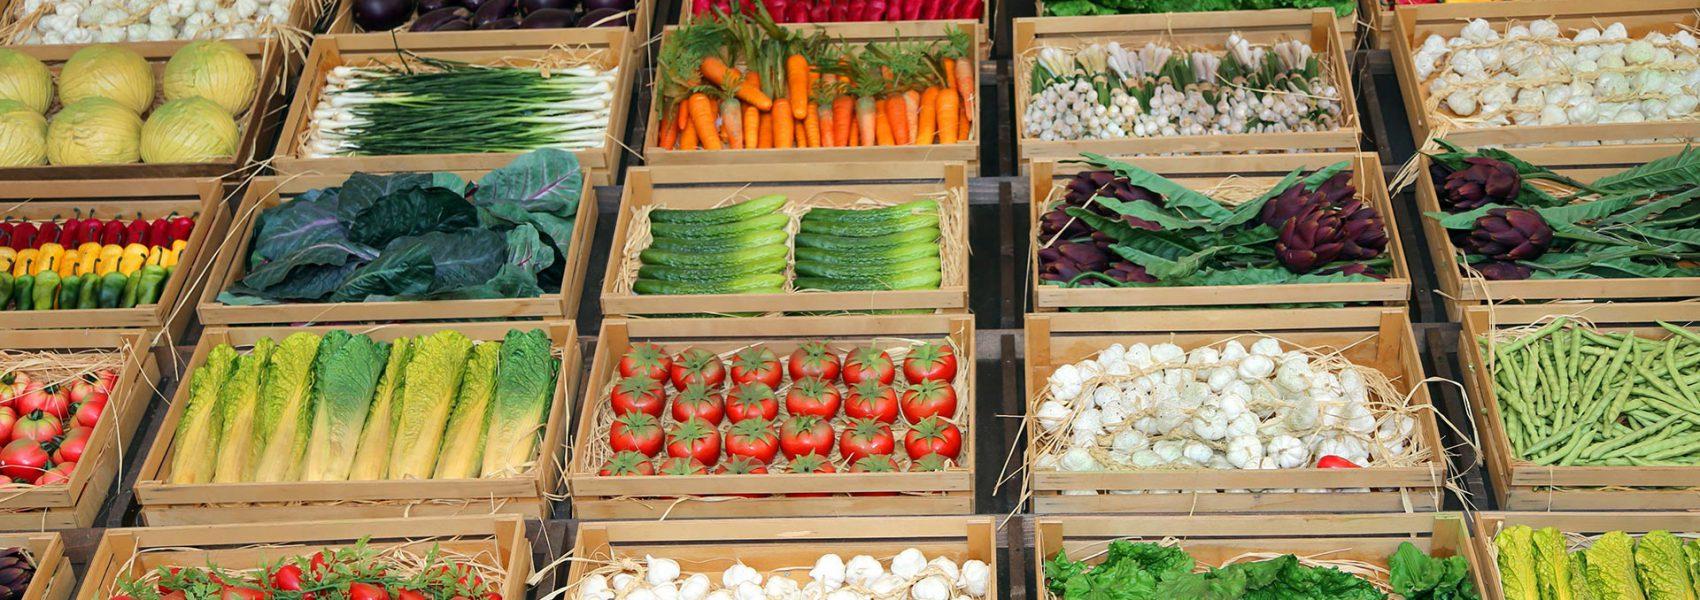 Fournisseur en Normandie Fruits et légumes